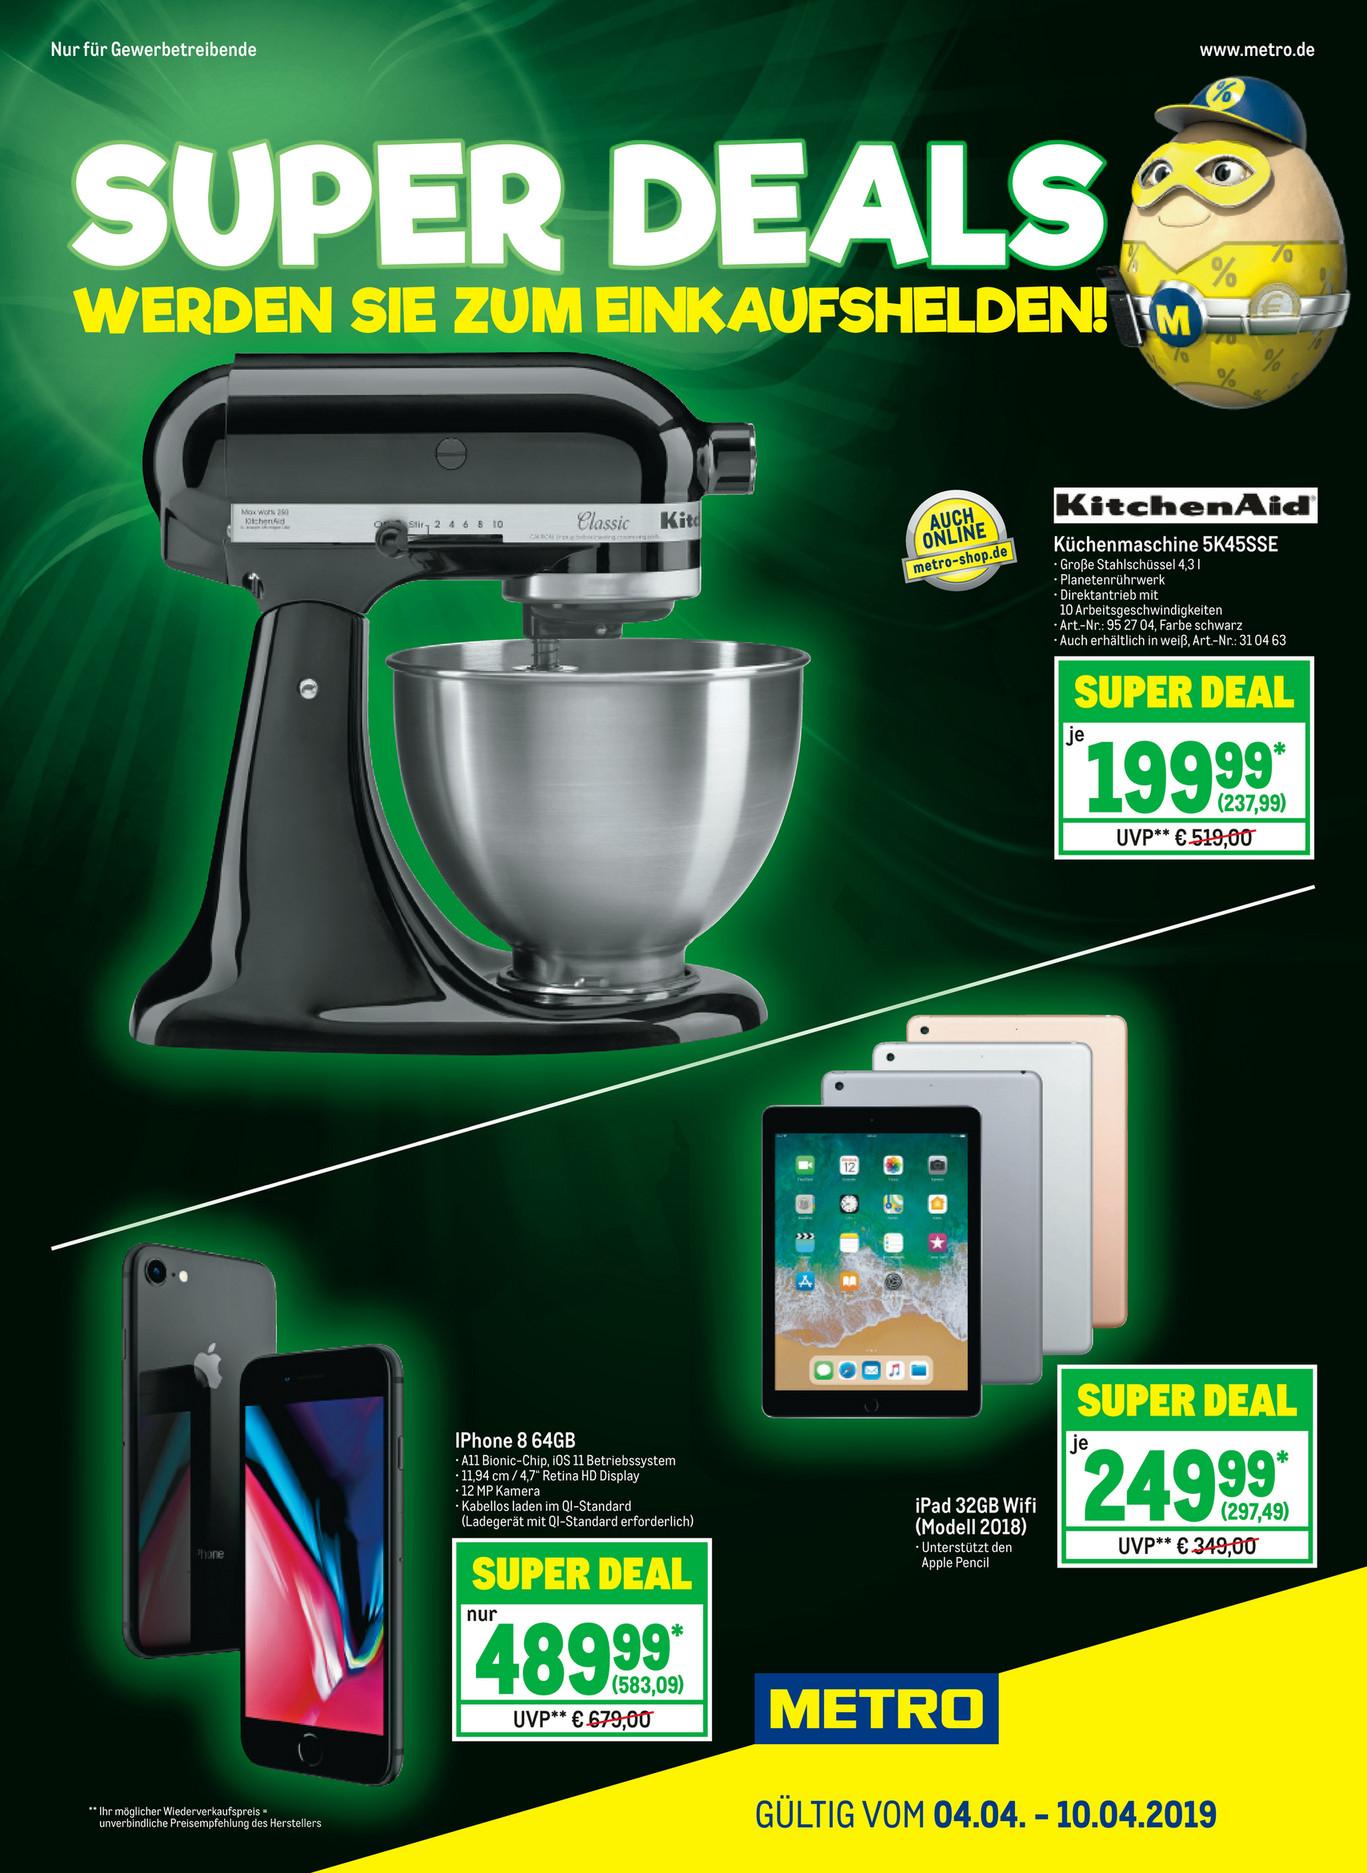 [METRO] Kitchen Aid Küchenmaschine 5K45SSE (04.04.-10.04.2019) auch Online